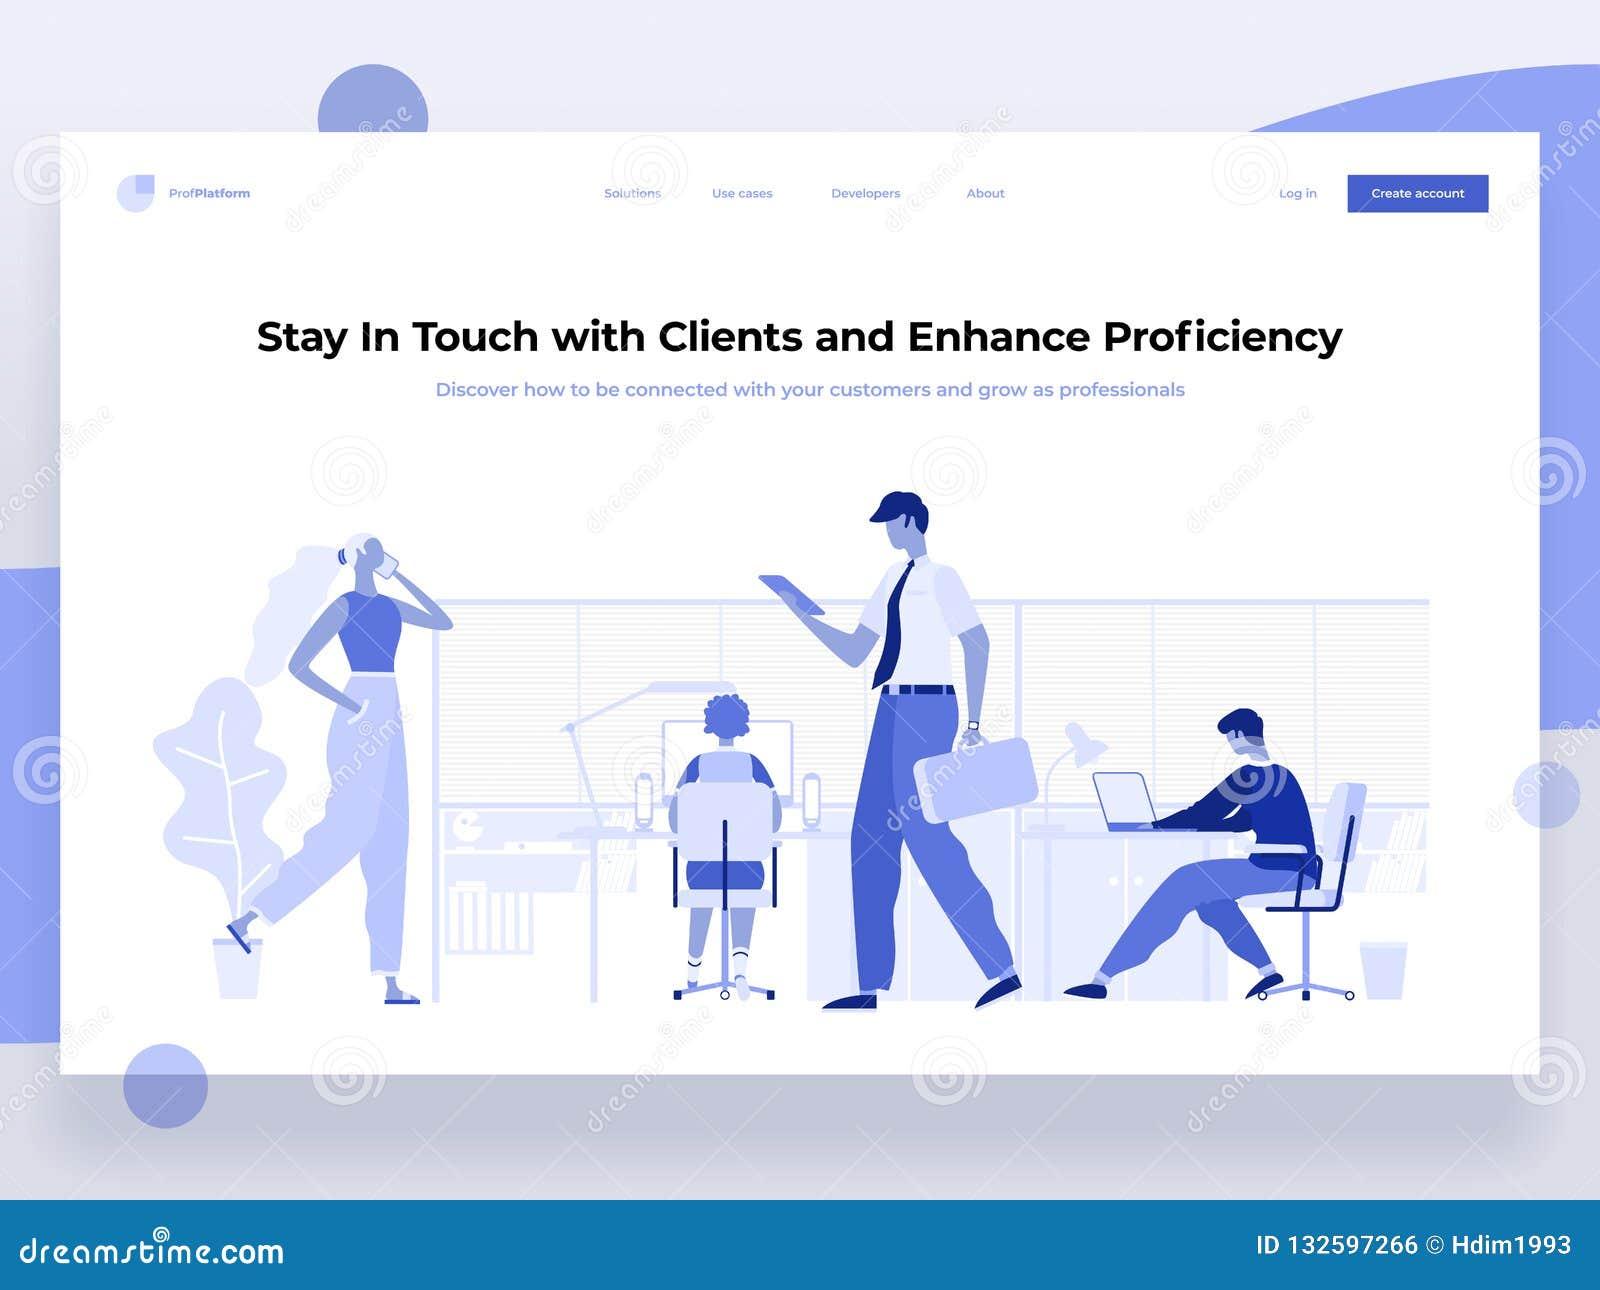 Leute arbeiten in einem Büro und wirken auf verschiedene Geräte ein Geschäfts-, Ablauforganisations- und Bürosituationen